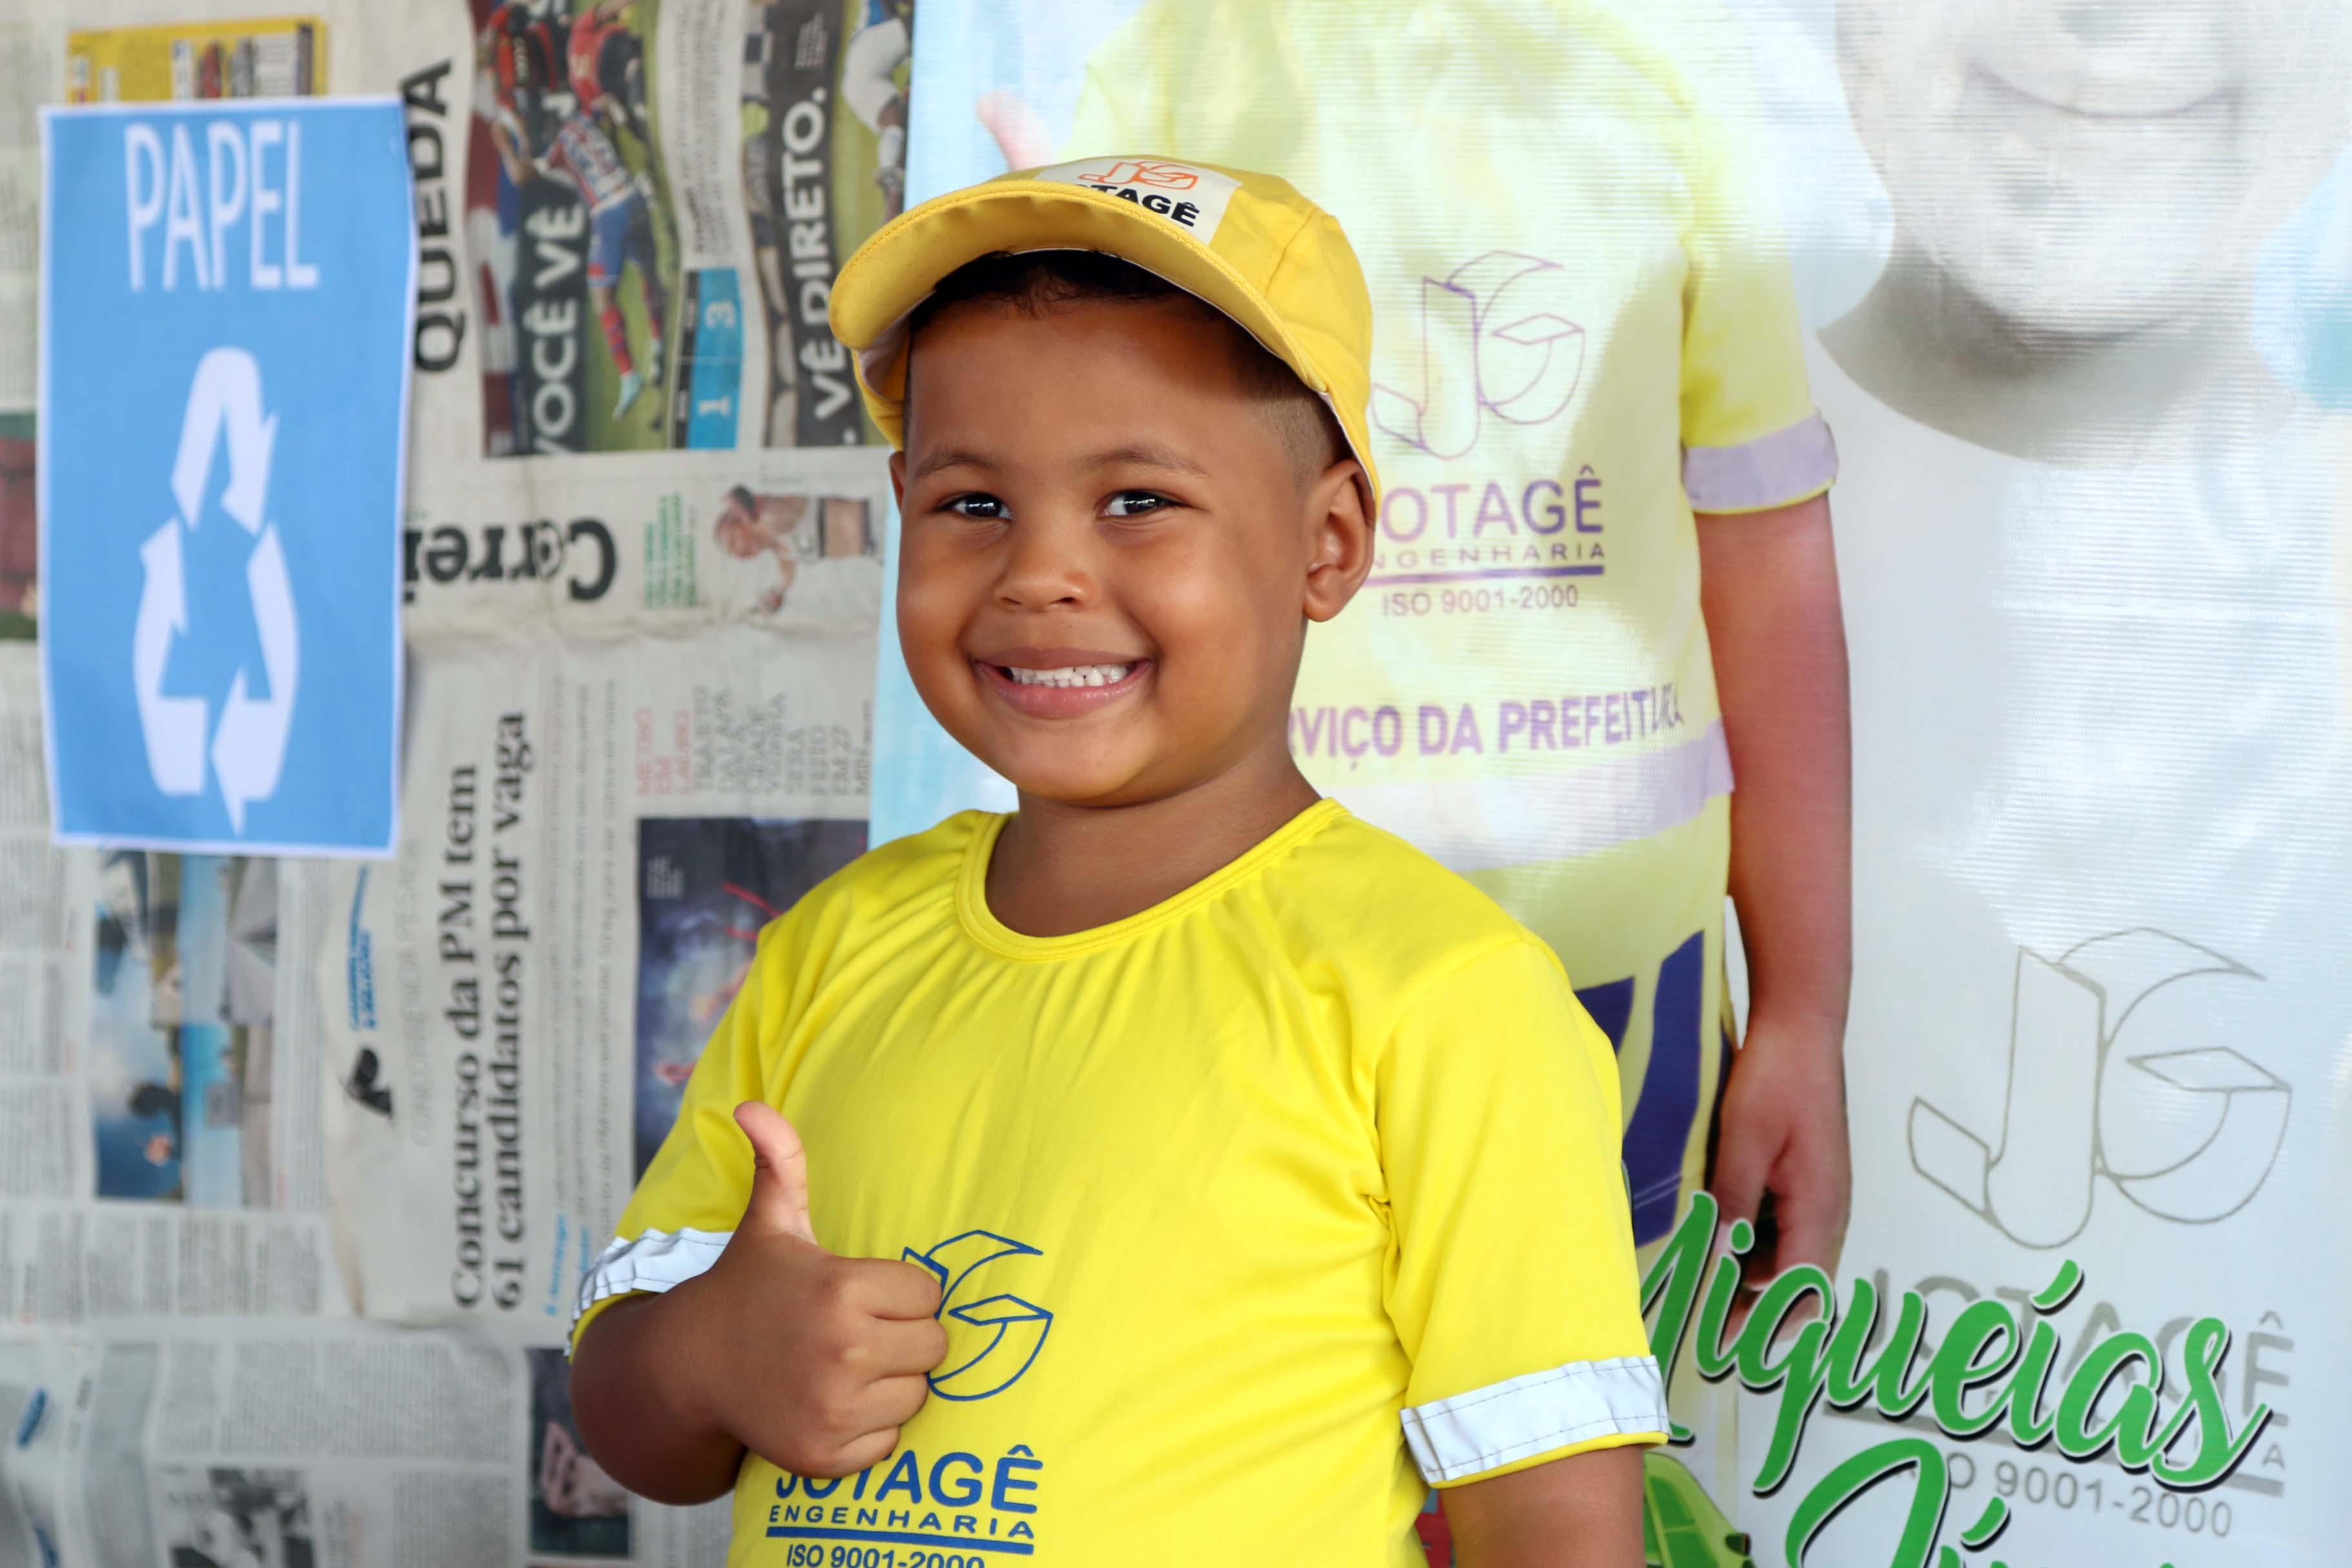 Garotinho de quatro anos ganha festa do caminhão de lixo 3